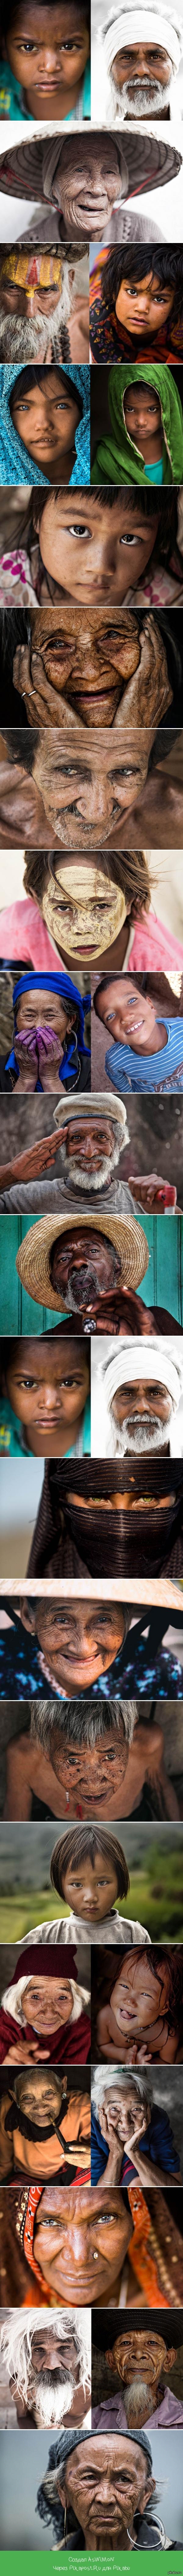 Пронзительный взгляд Фотопортреты людей с проникновенным взглядом